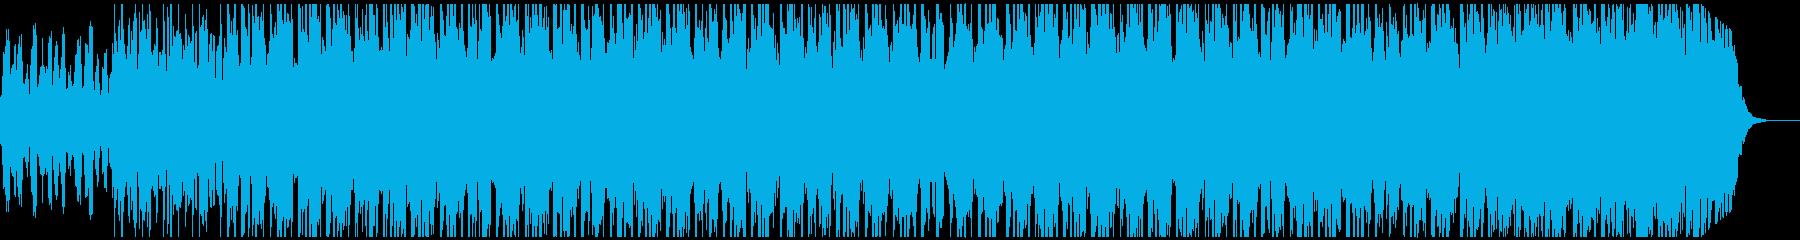 ジブリ的なメロで浮遊感のあるテクスチャーの再生済みの波形